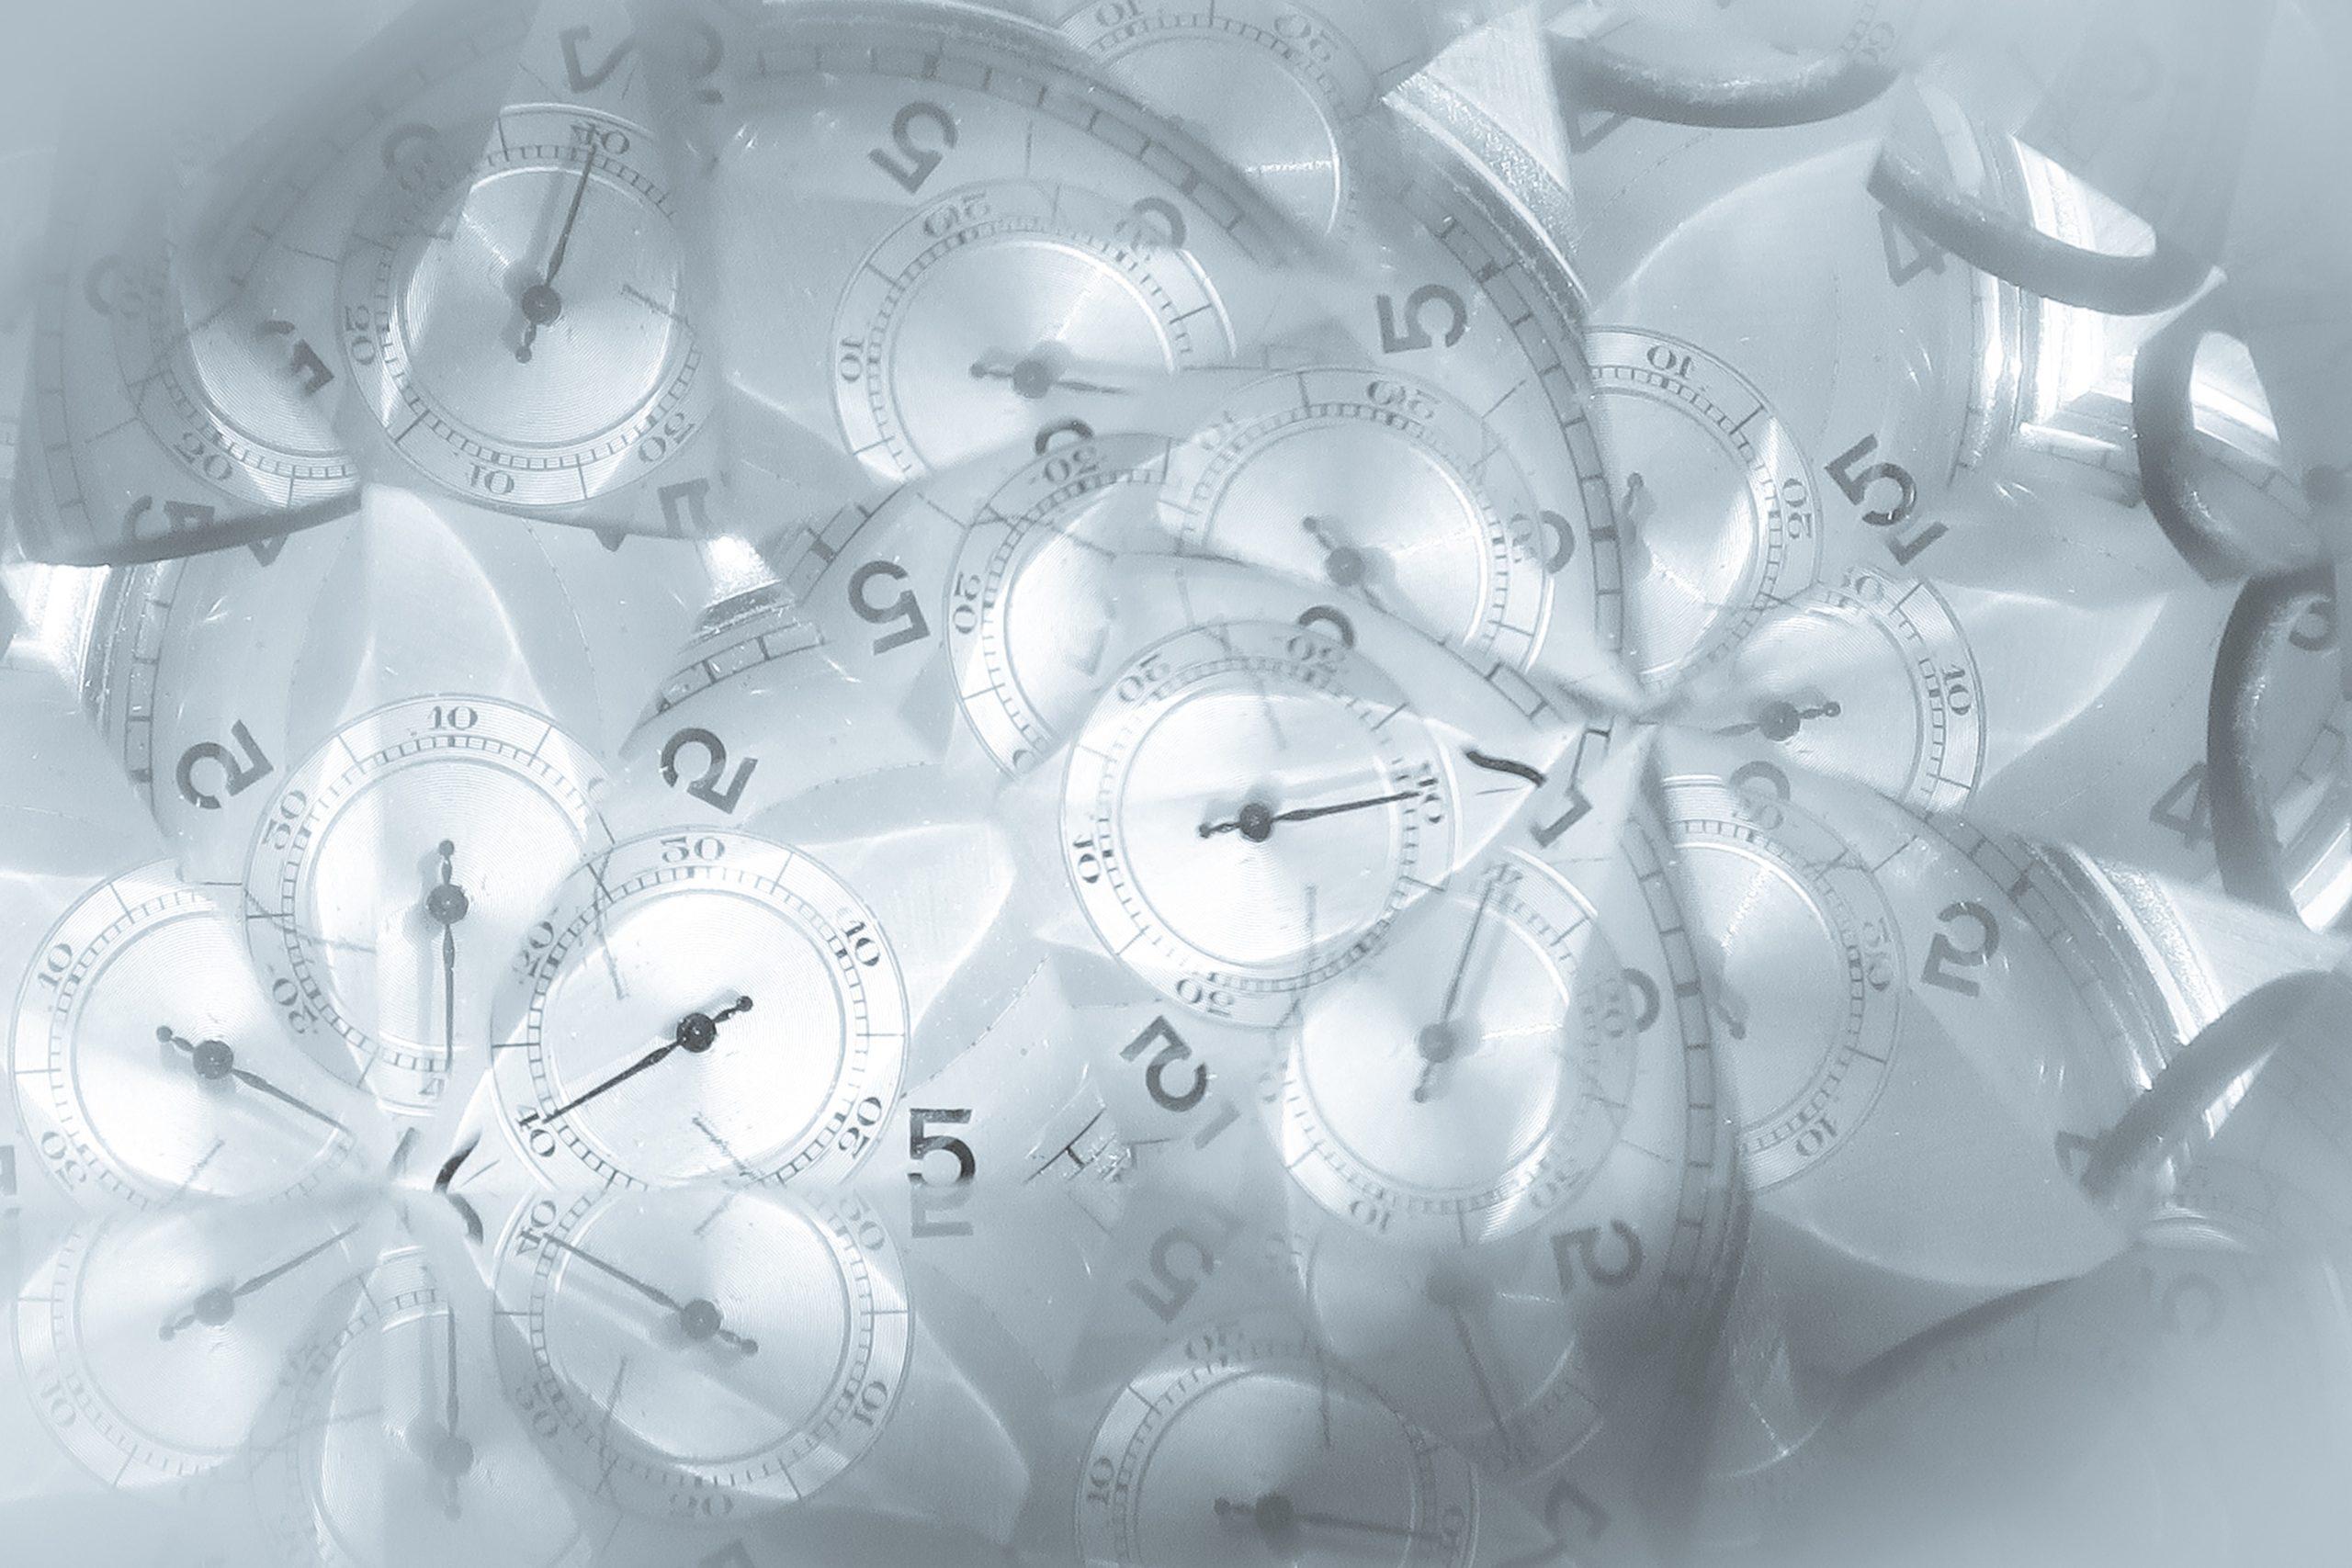 white and gray analog clock